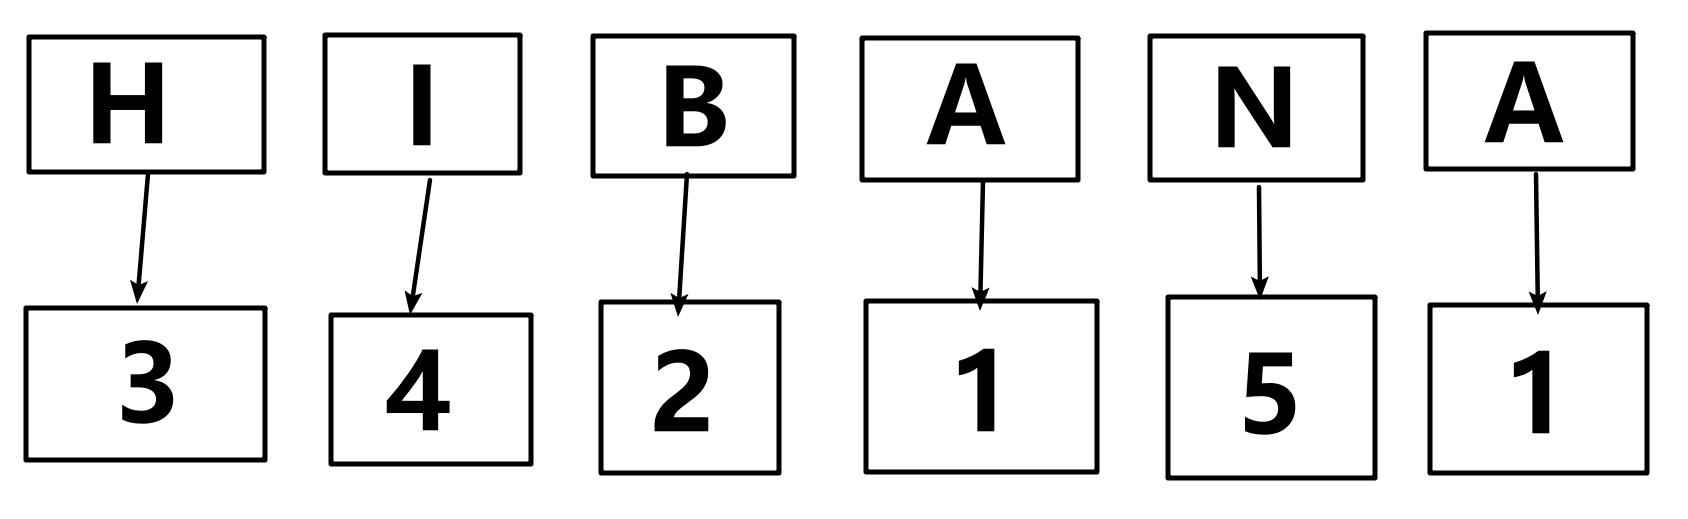 eb831U.png